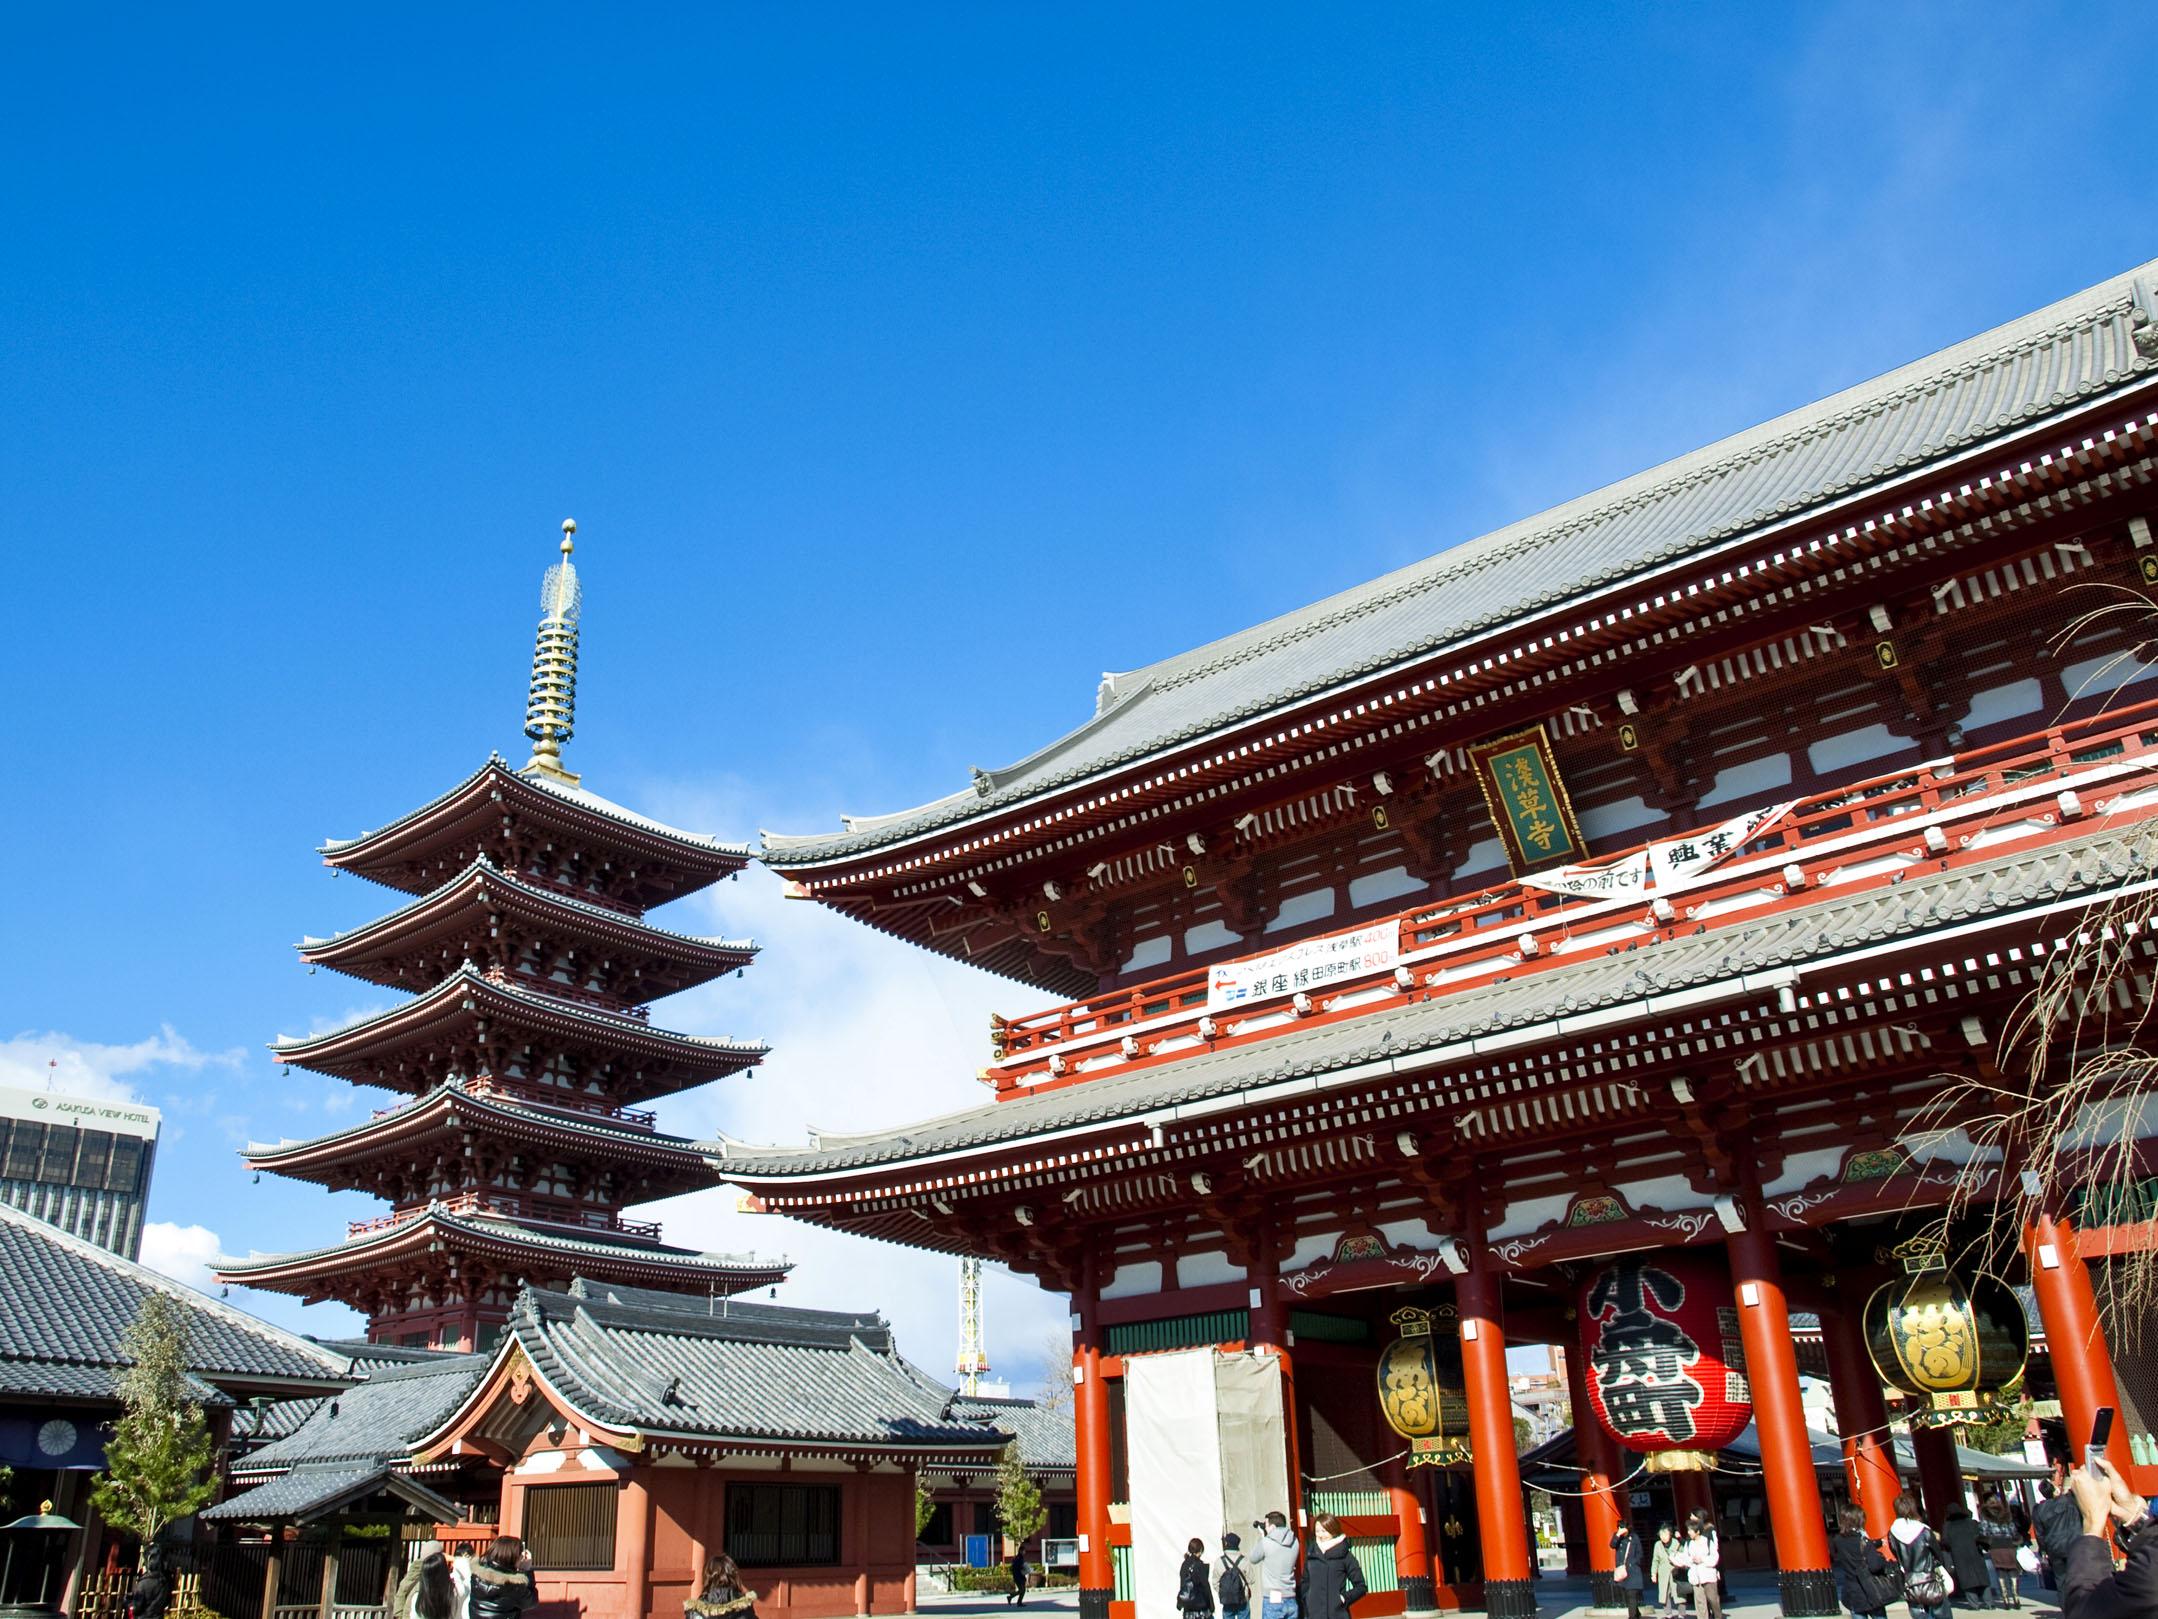 【A1+A2】日本本州双古都惠享6日